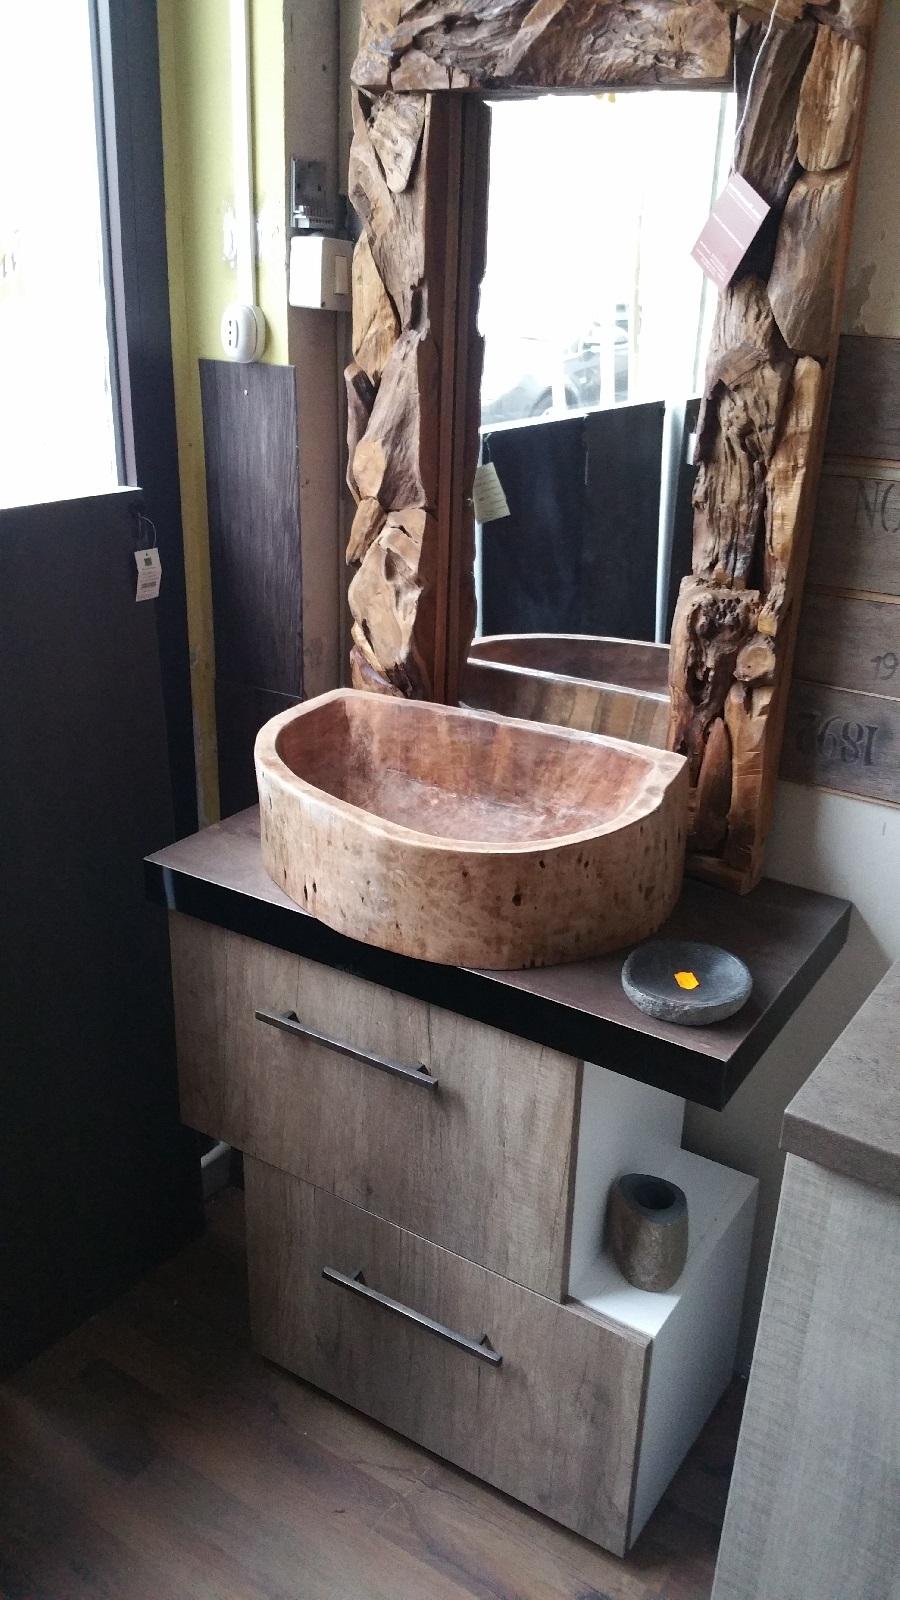 Arredo bagno outlet online excellent arredo bagno outlet for Outlet arredo bagno roma